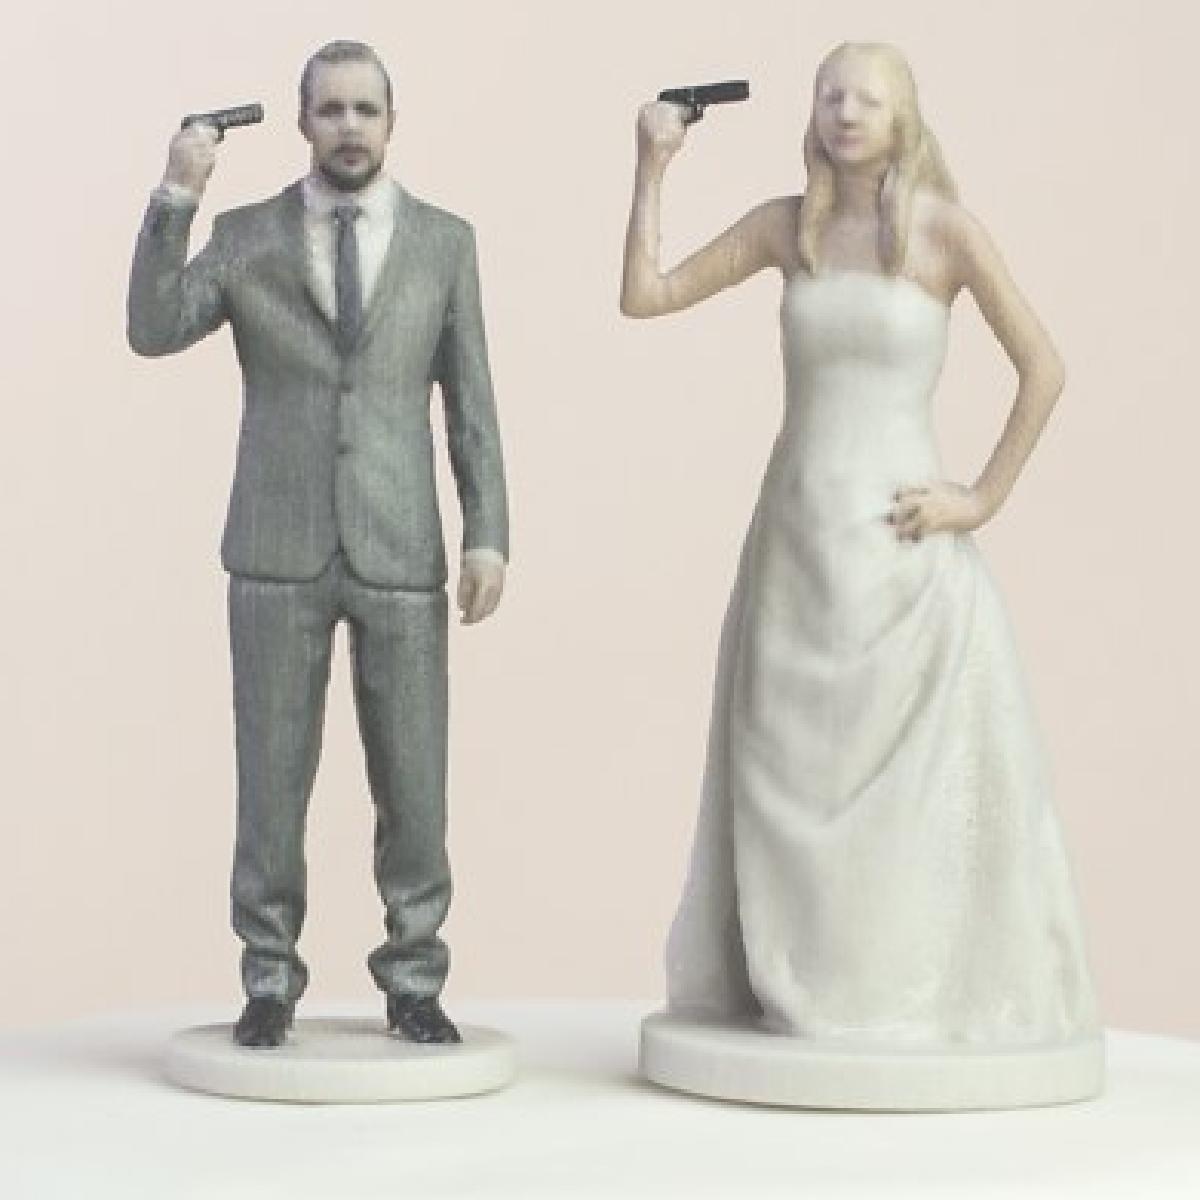 figurines gteau de mariage personnalises impression 3d - Figurine Gateau Mariage Personnalis